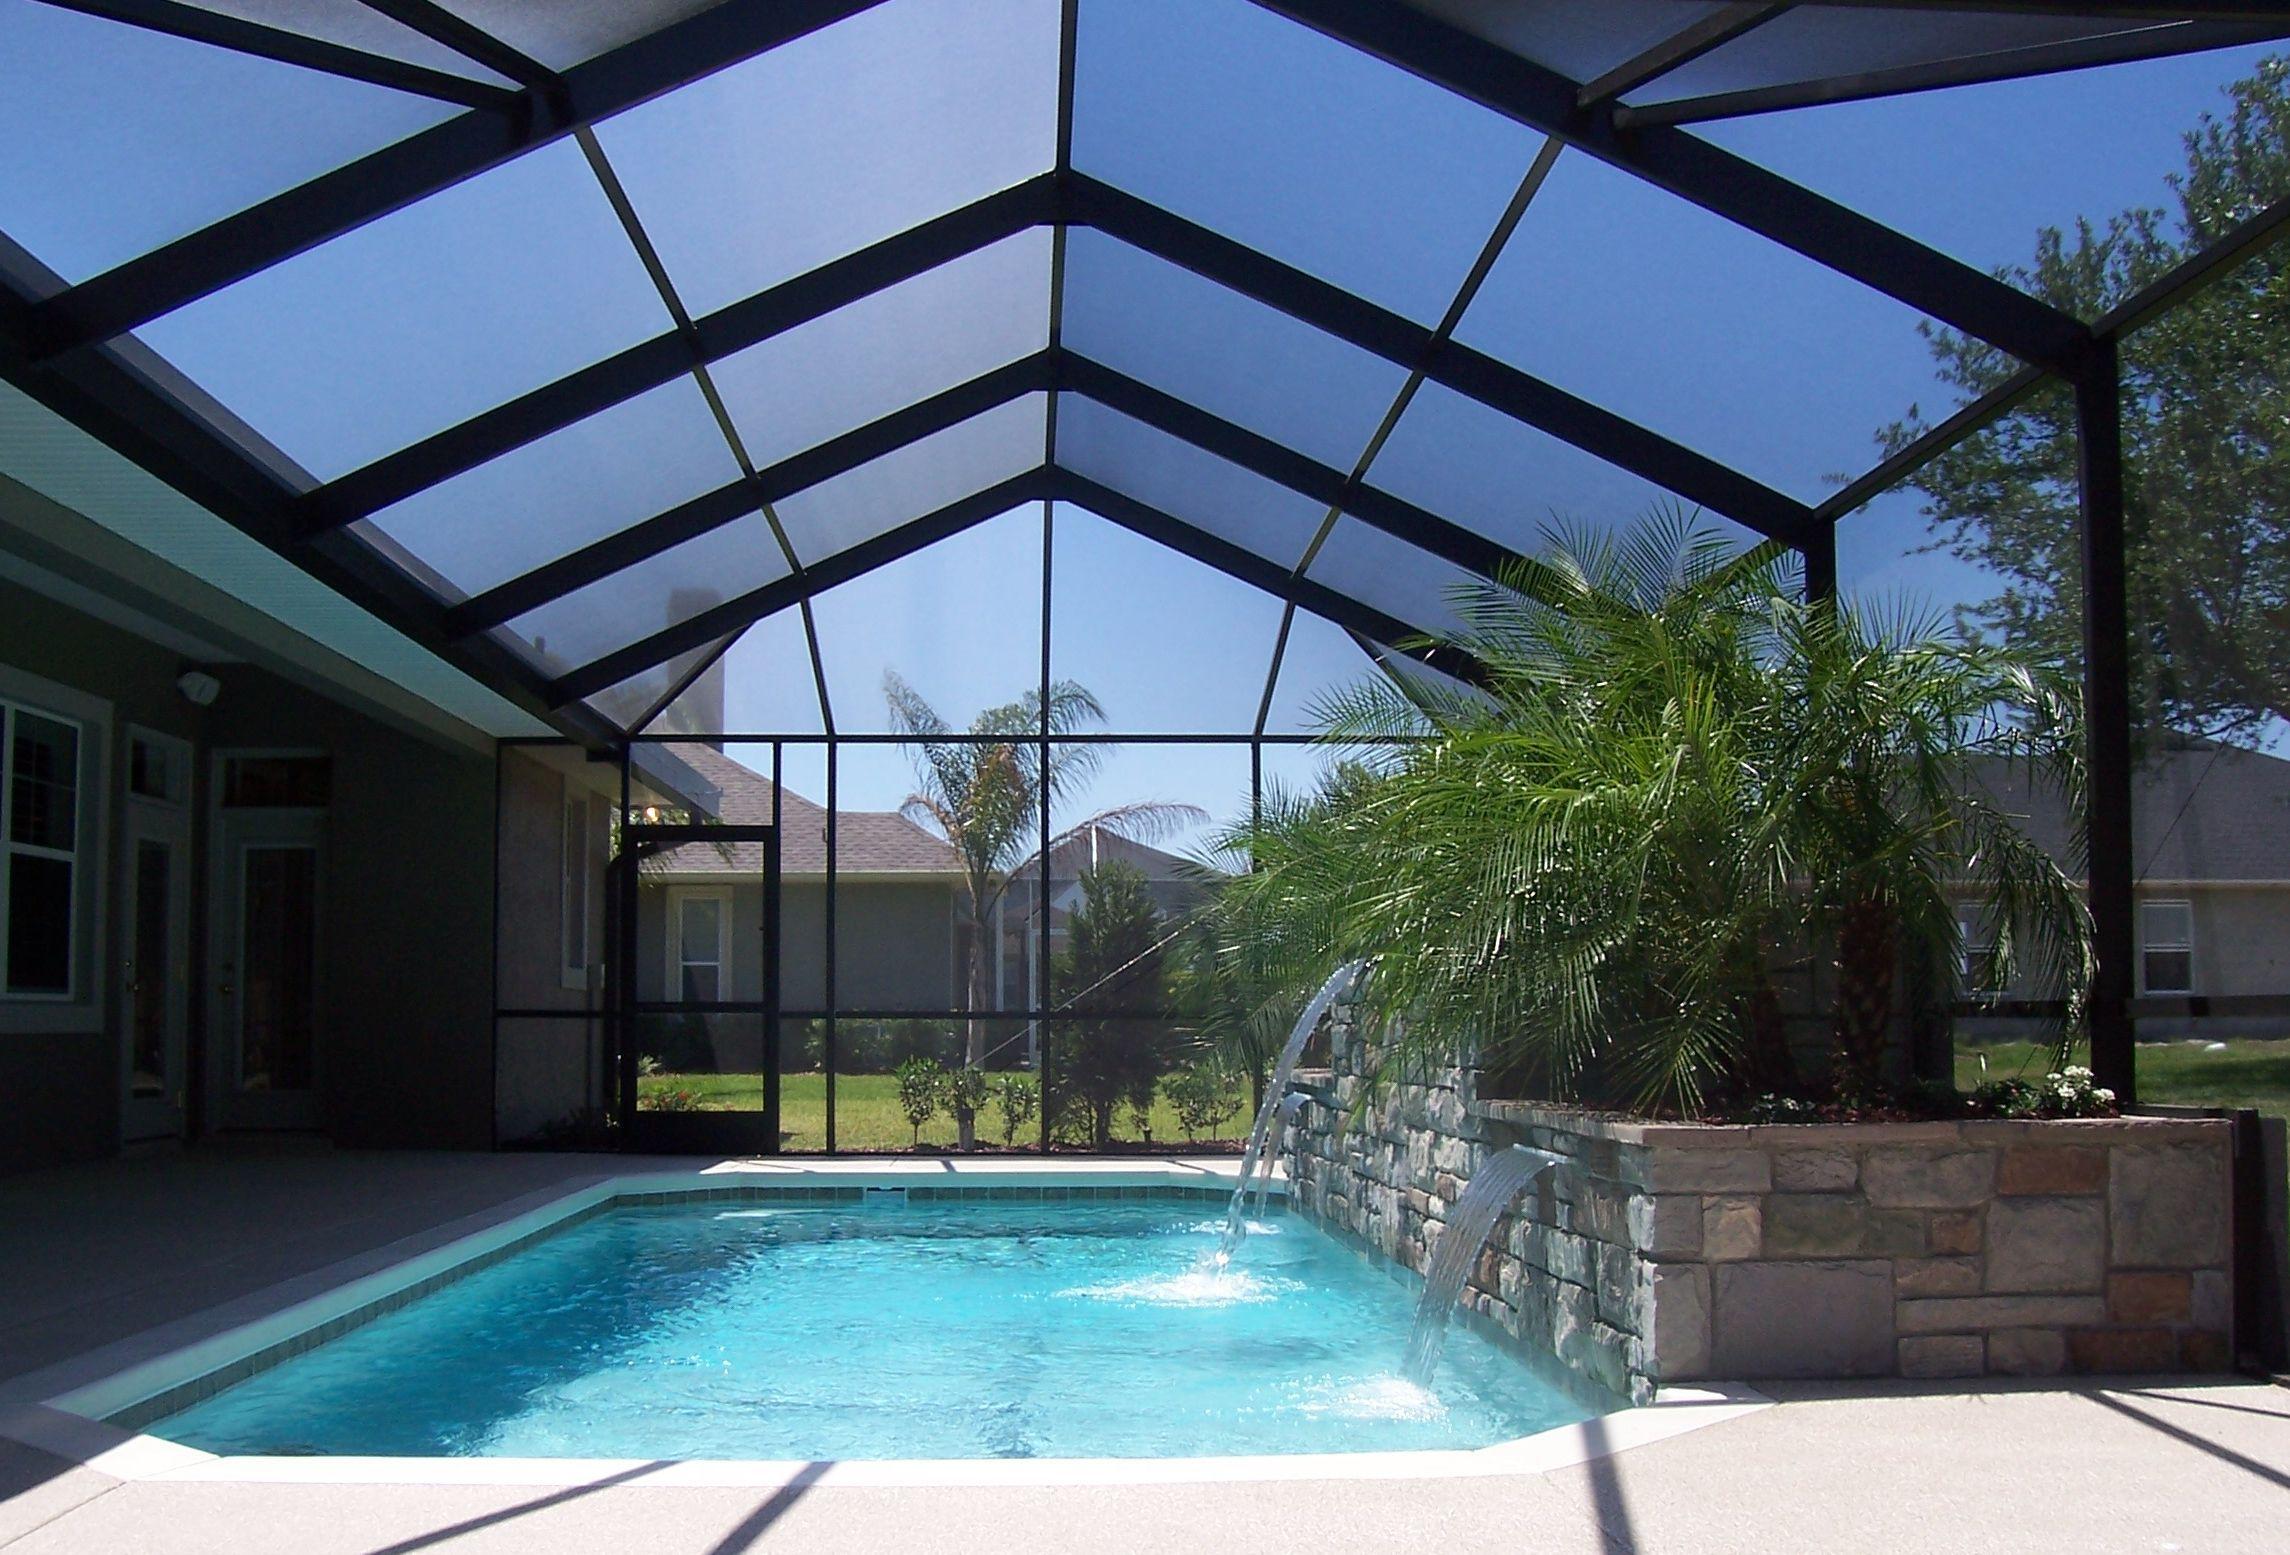 Winter Haven Lakeland Pool Enclosures Pool Screen Enclosures Lakeland Pool Enclosures Pool Cage Swimming Pools Backyard